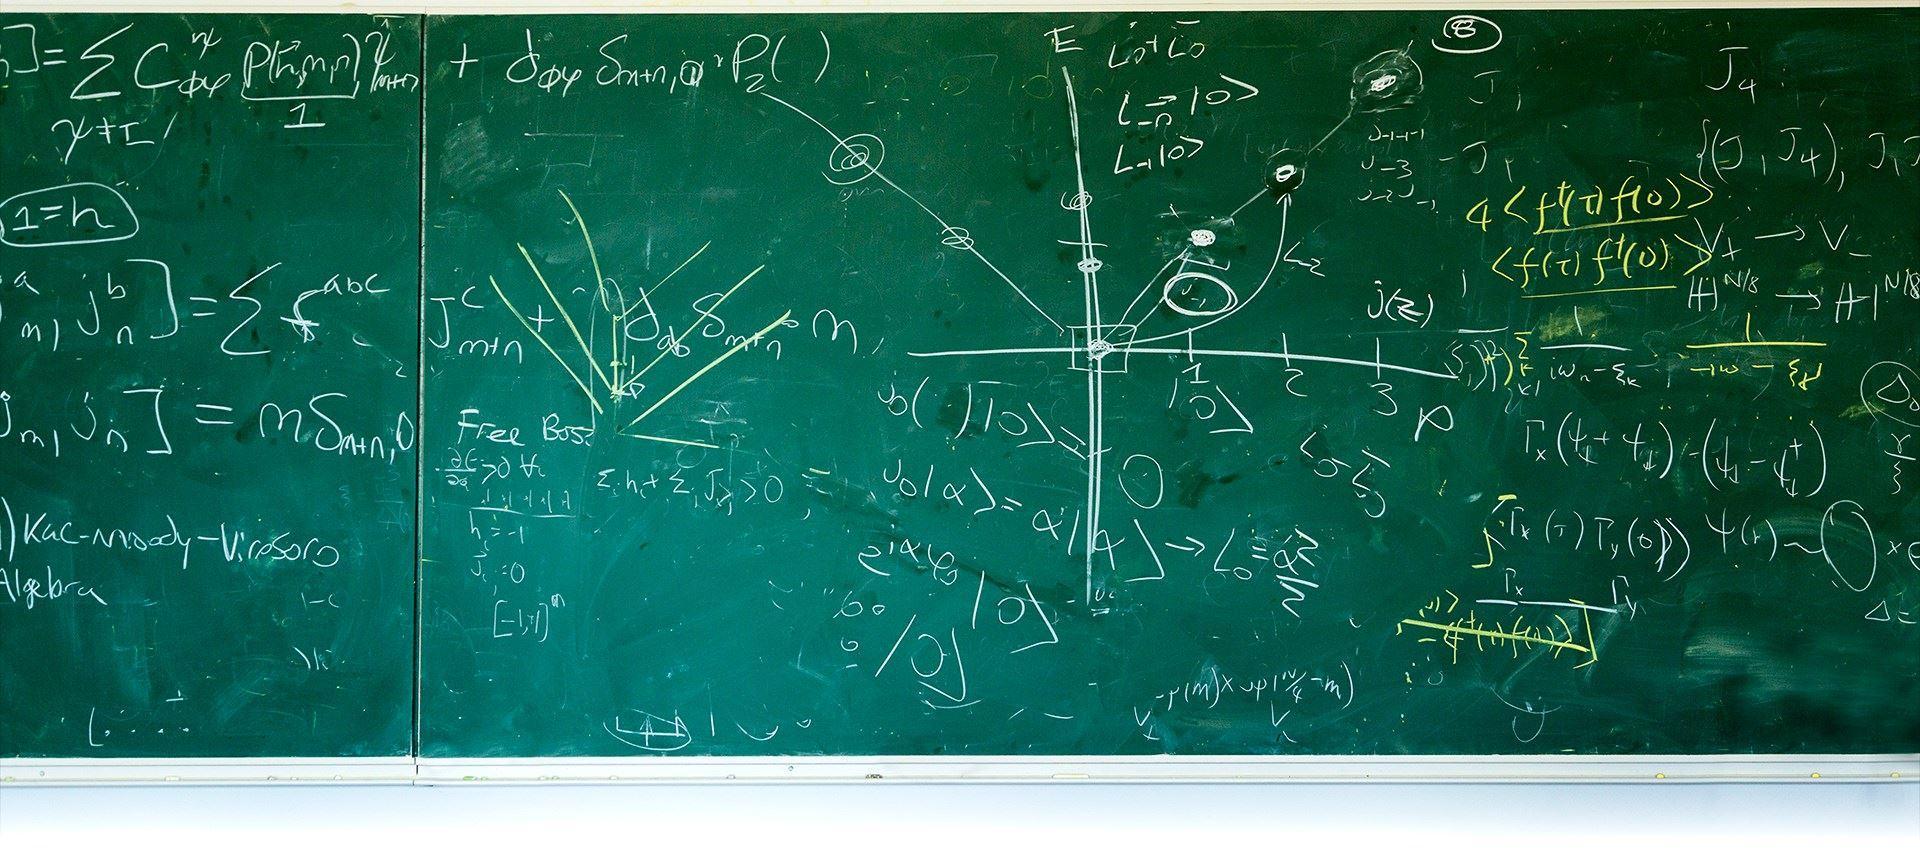 微软将推出量子编程语言!